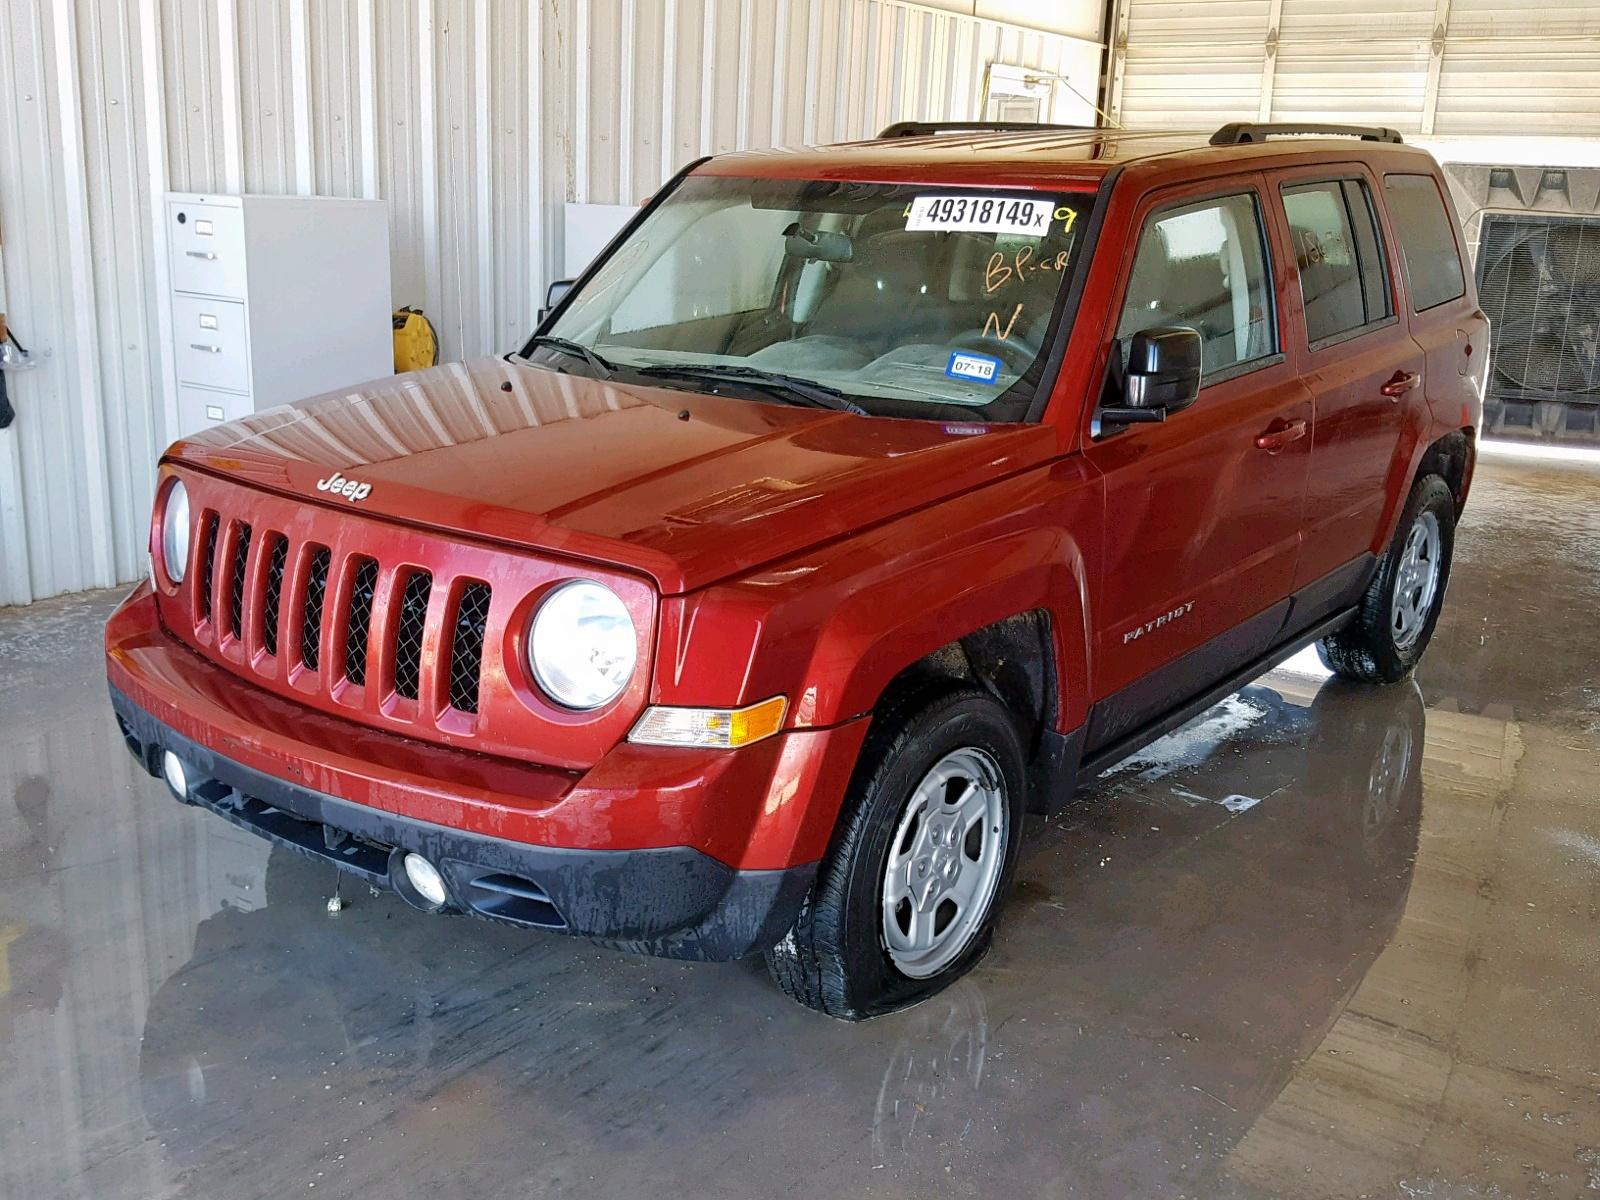 1C4NJPBA8DD272697 - 2013 Jeep Patriot Sp 2.0L Right View